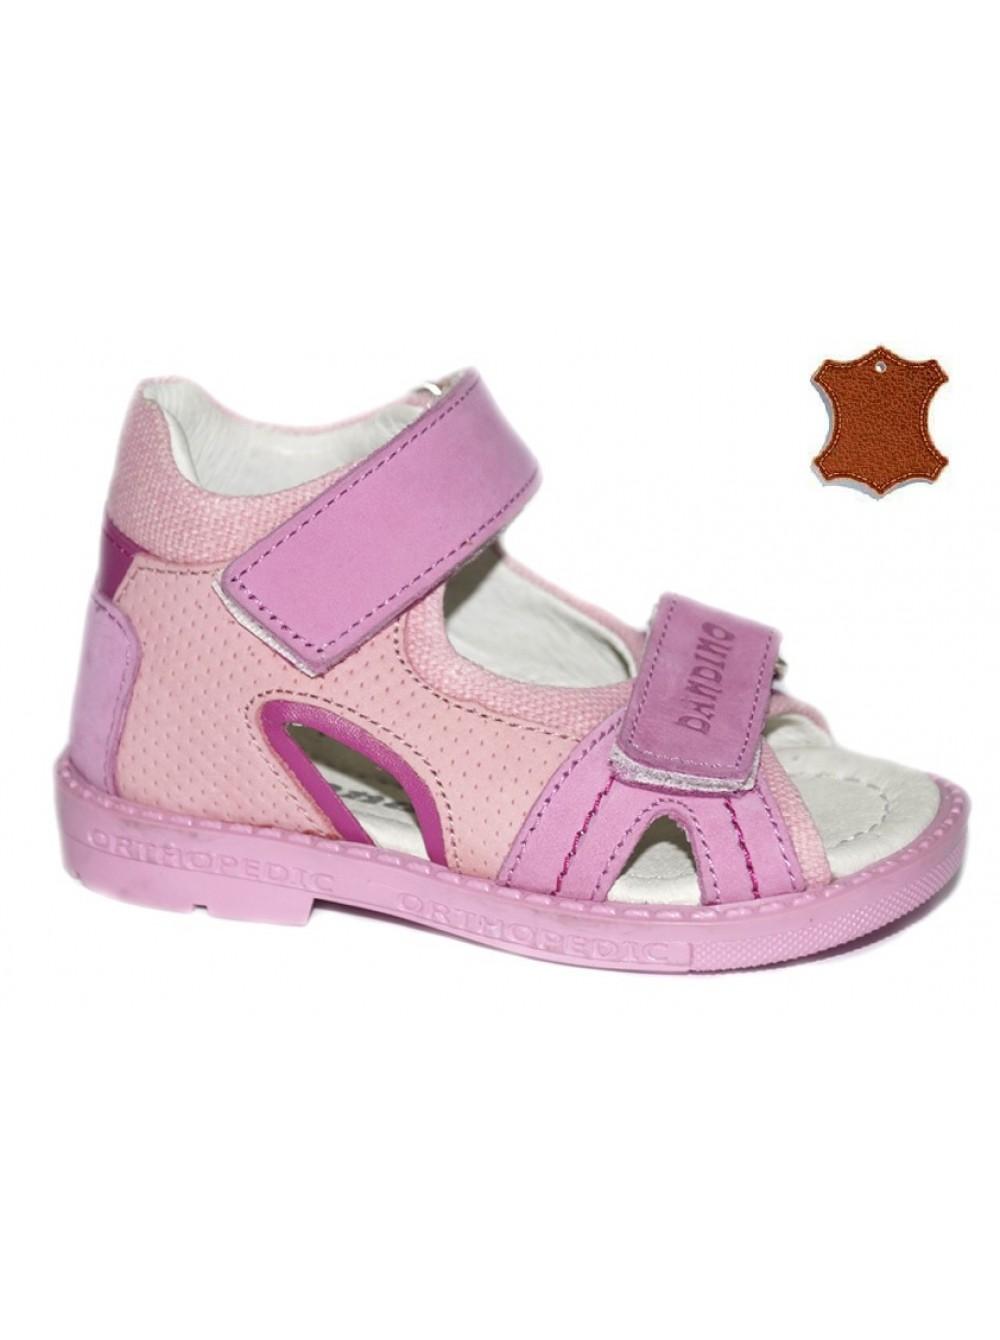 Туфли открытые DANDINO DND72-13-15B розовый (20-24)